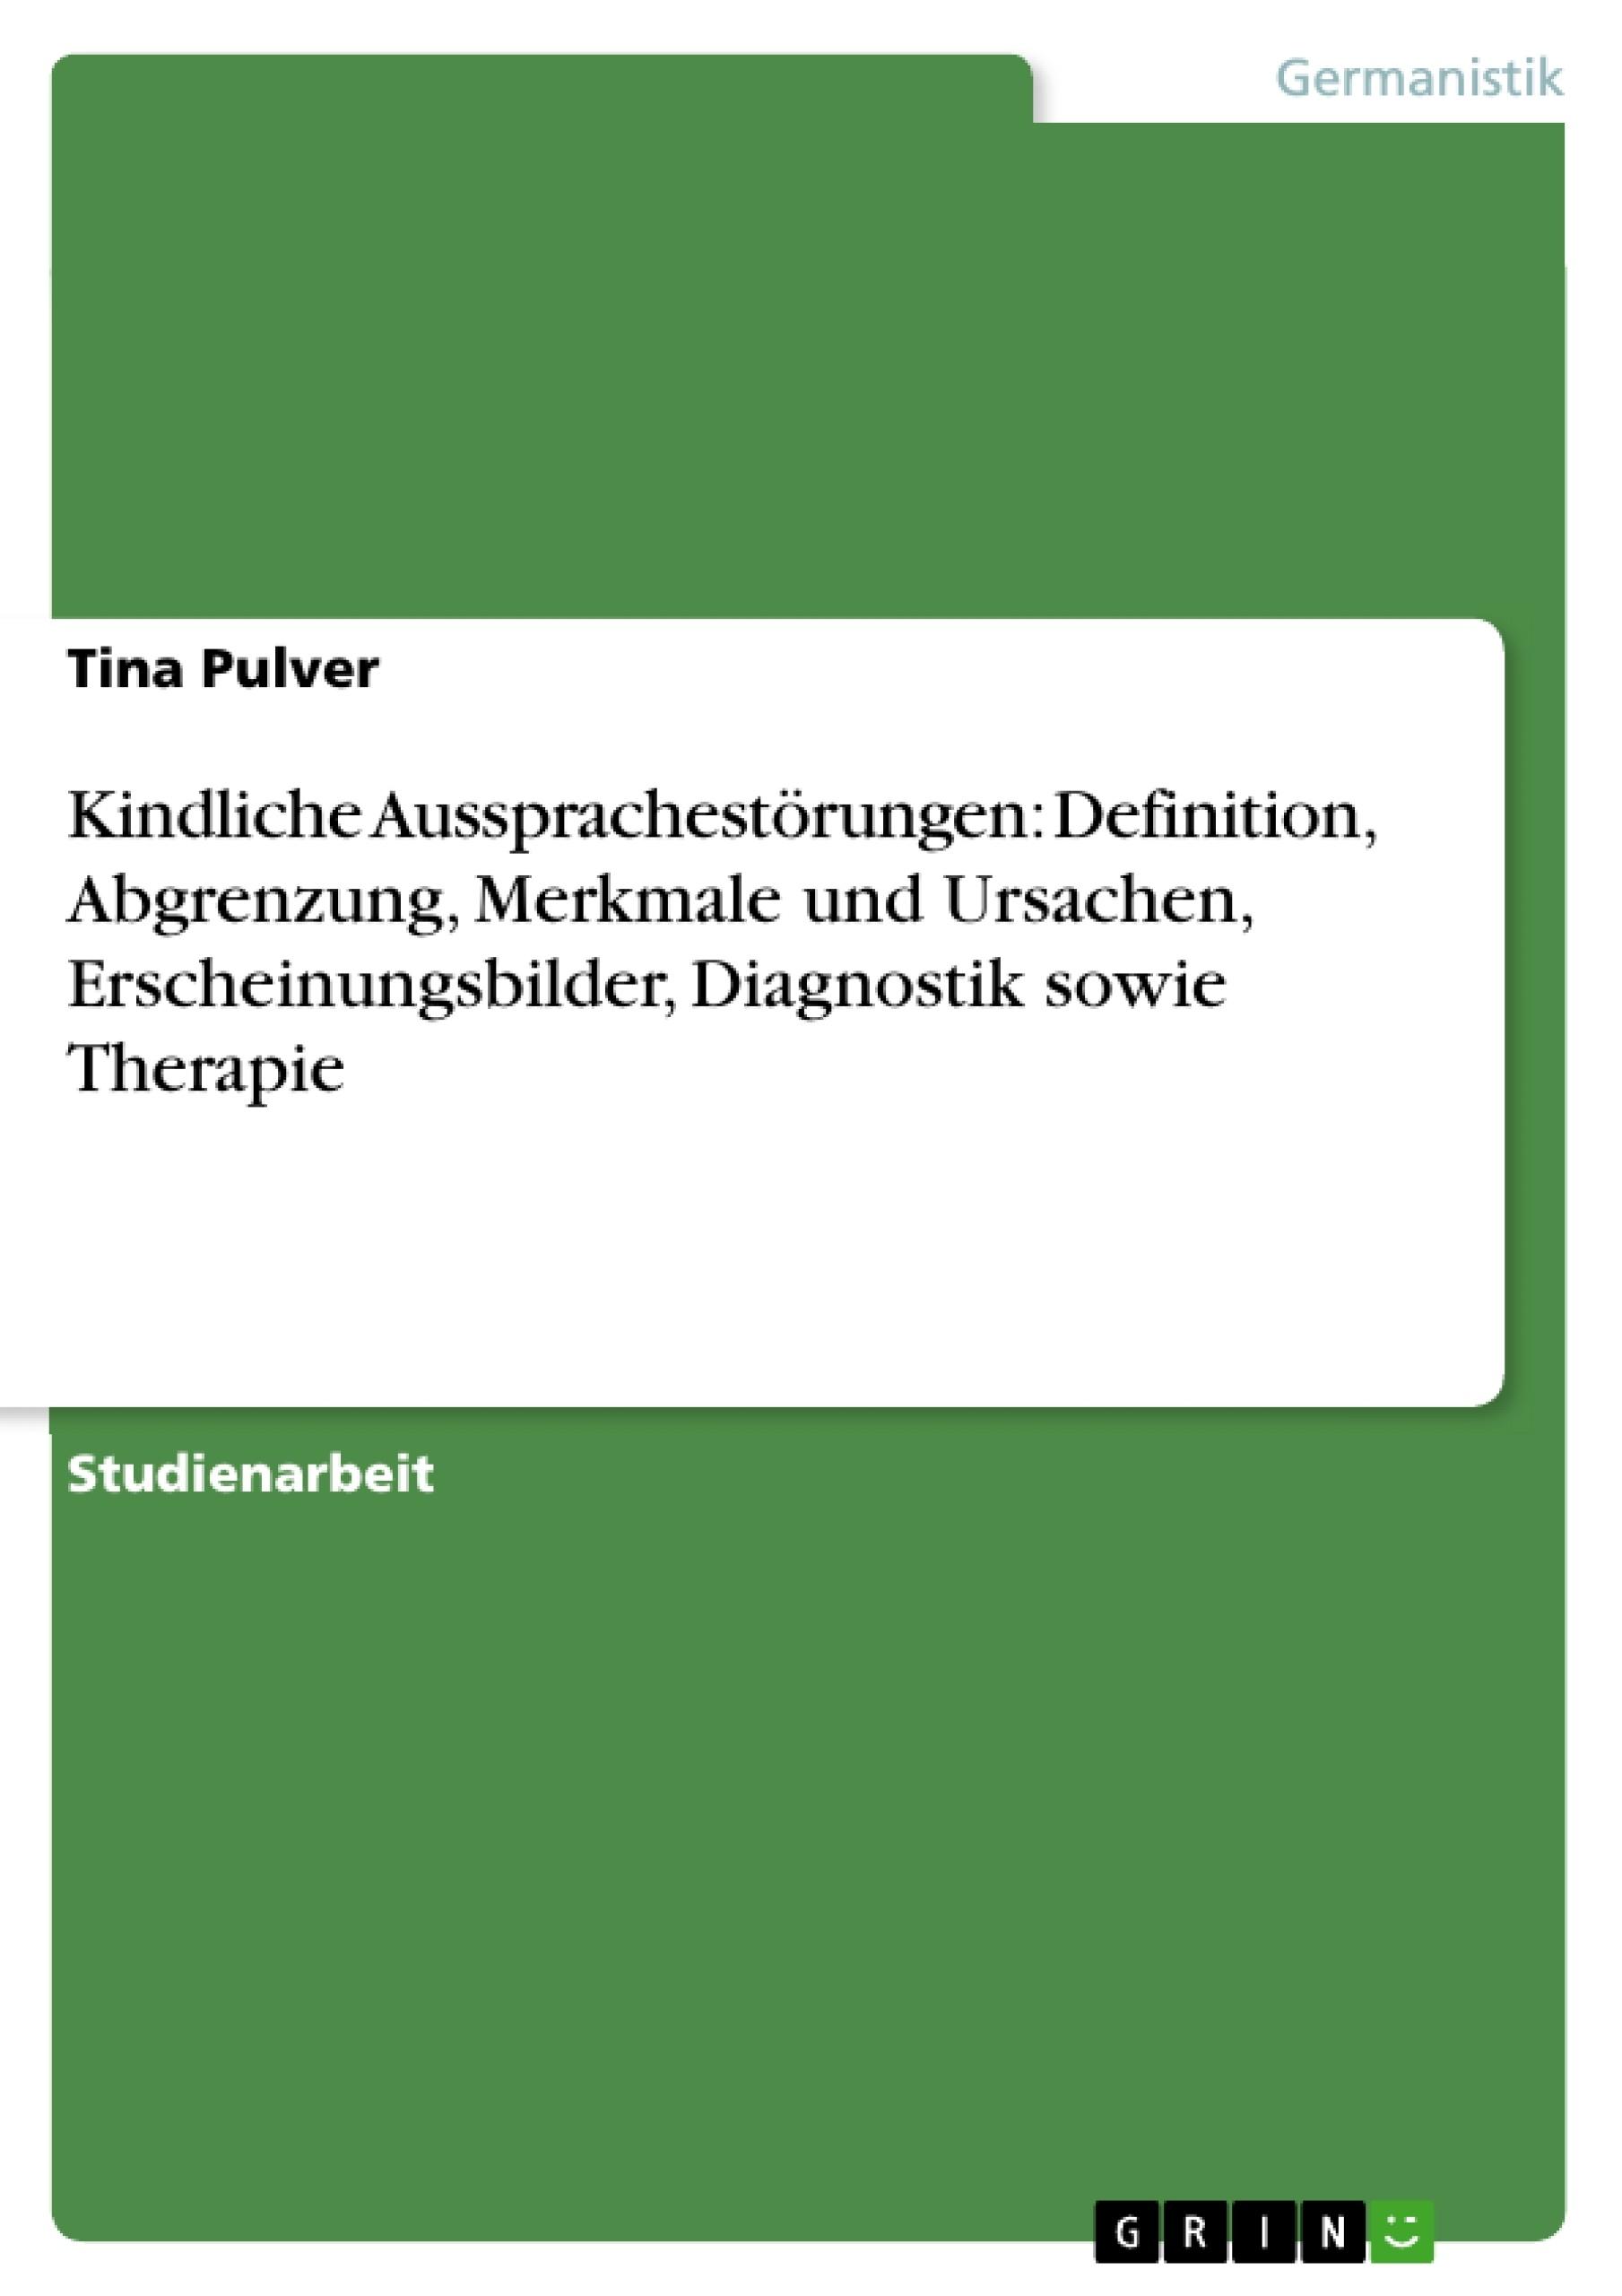 Titel: Kindliche Aussprachestörungen: Definition, Abgrenzung, Merkmale und Ursachen, Erscheinungsbilder, Diagnostik sowie Therapie